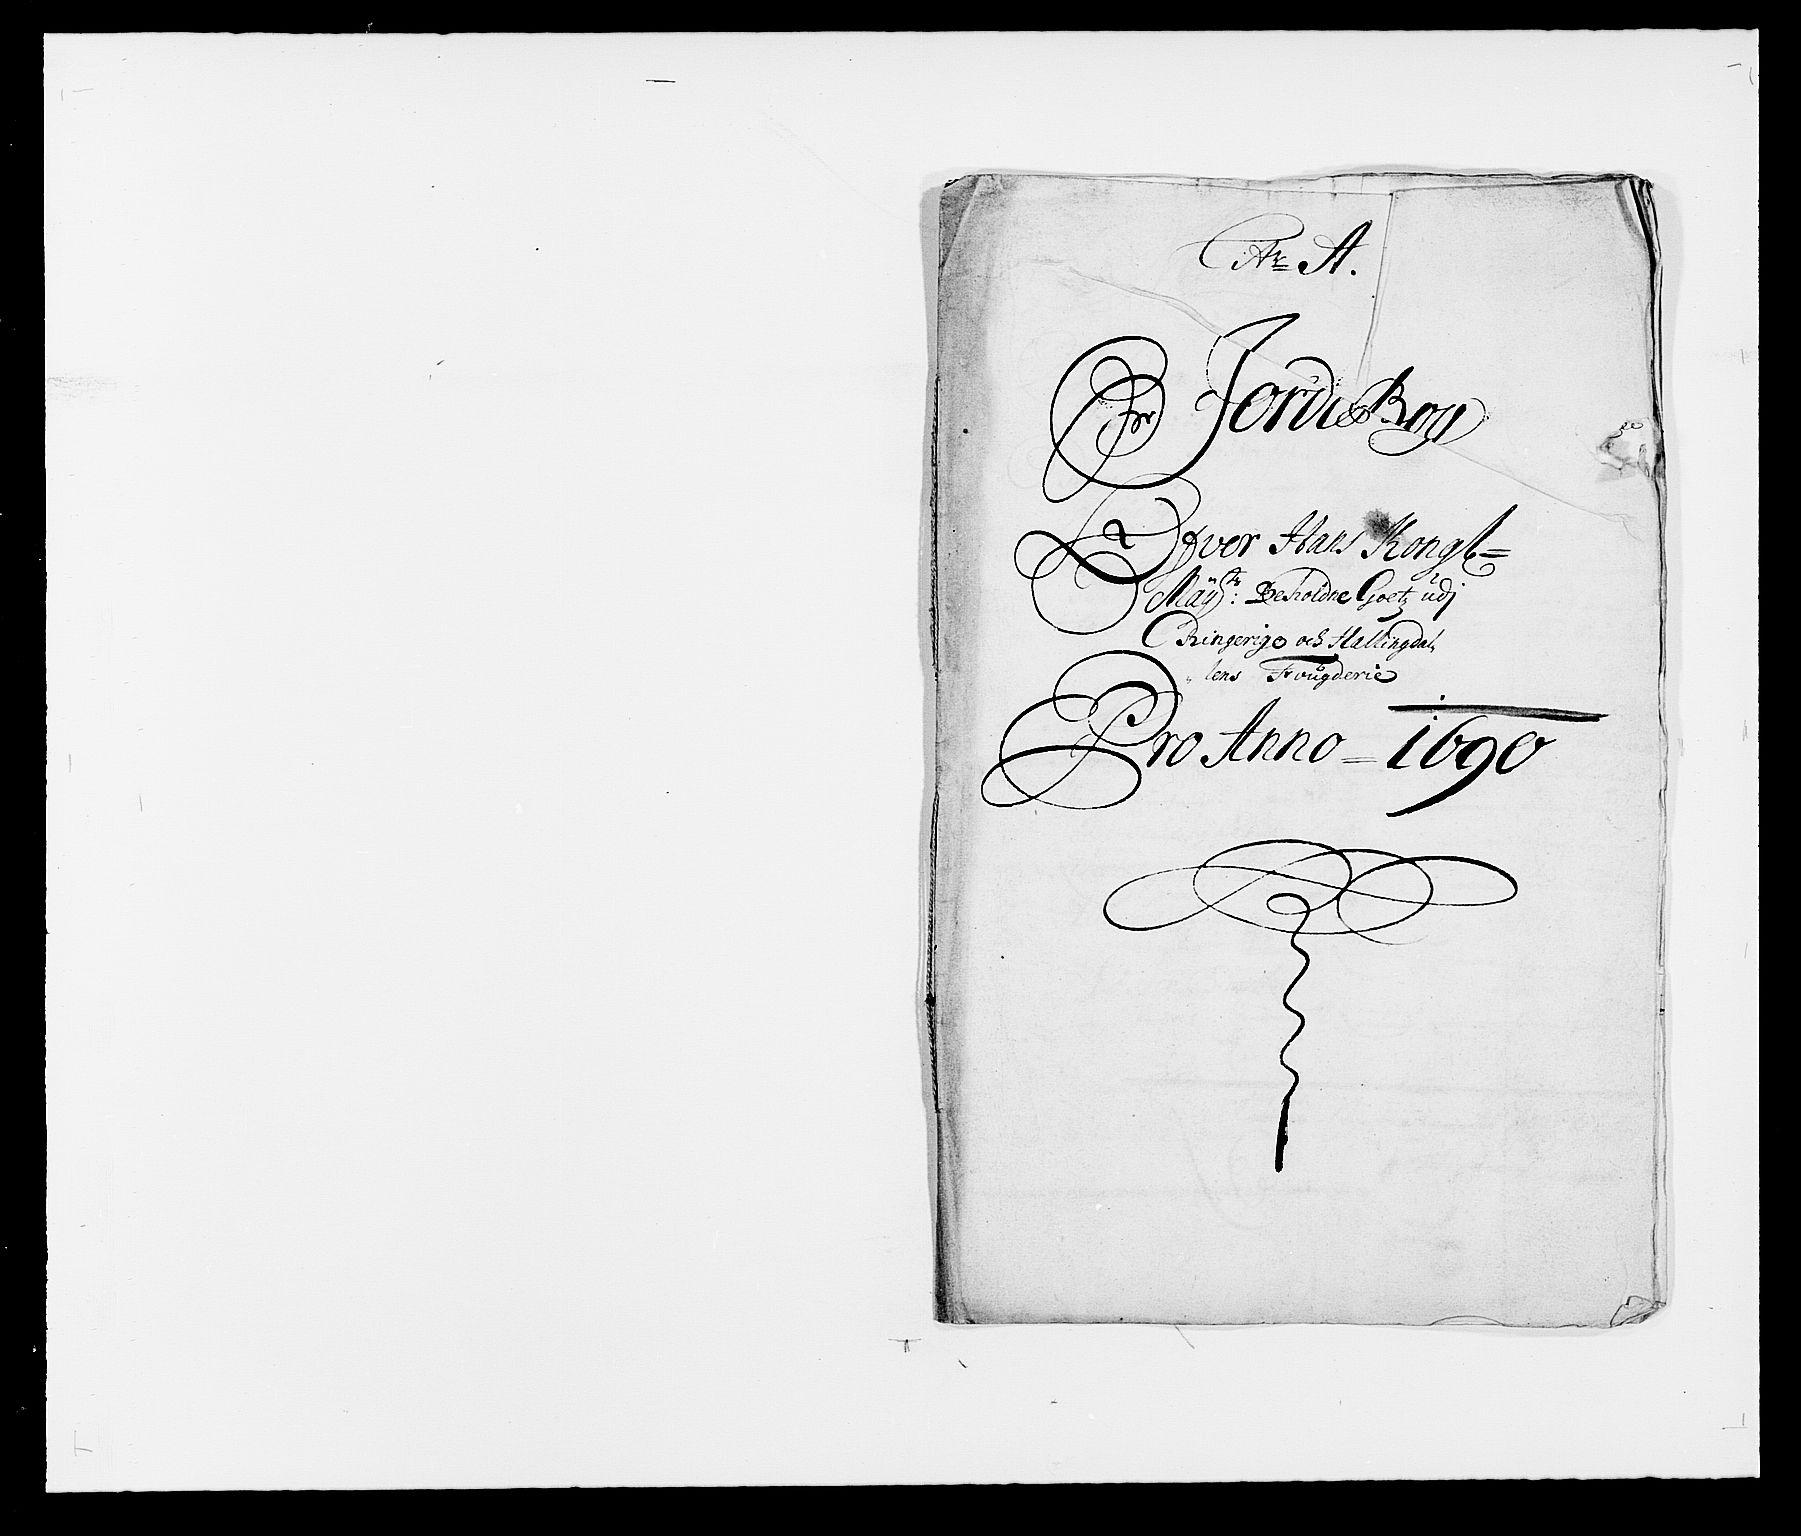 RA, Rentekammeret inntil 1814, Reviderte regnskaper, Fogderegnskap, R21/L1448: Fogderegnskap Ringerike og Hallingdal, 1690-1692, s. 13